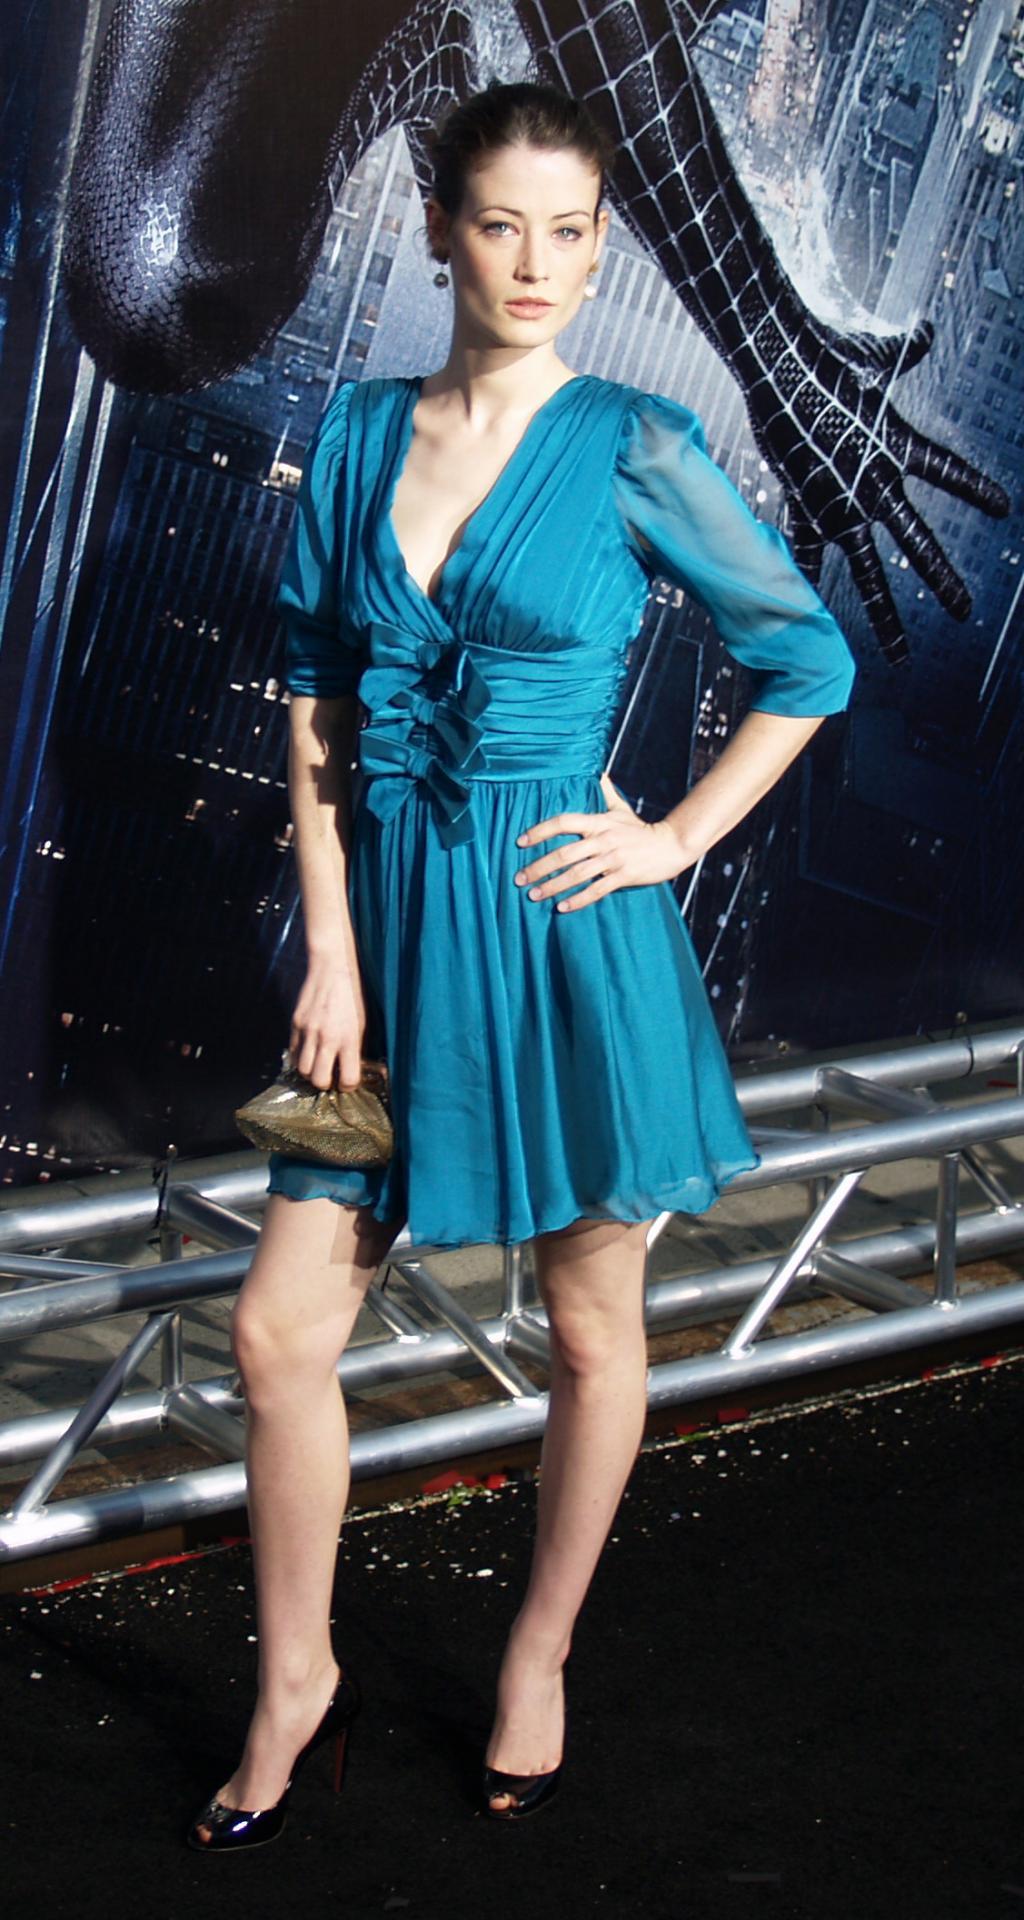 Lucy Gordon (actress) - Wikipedia, The Free Encyclopedia